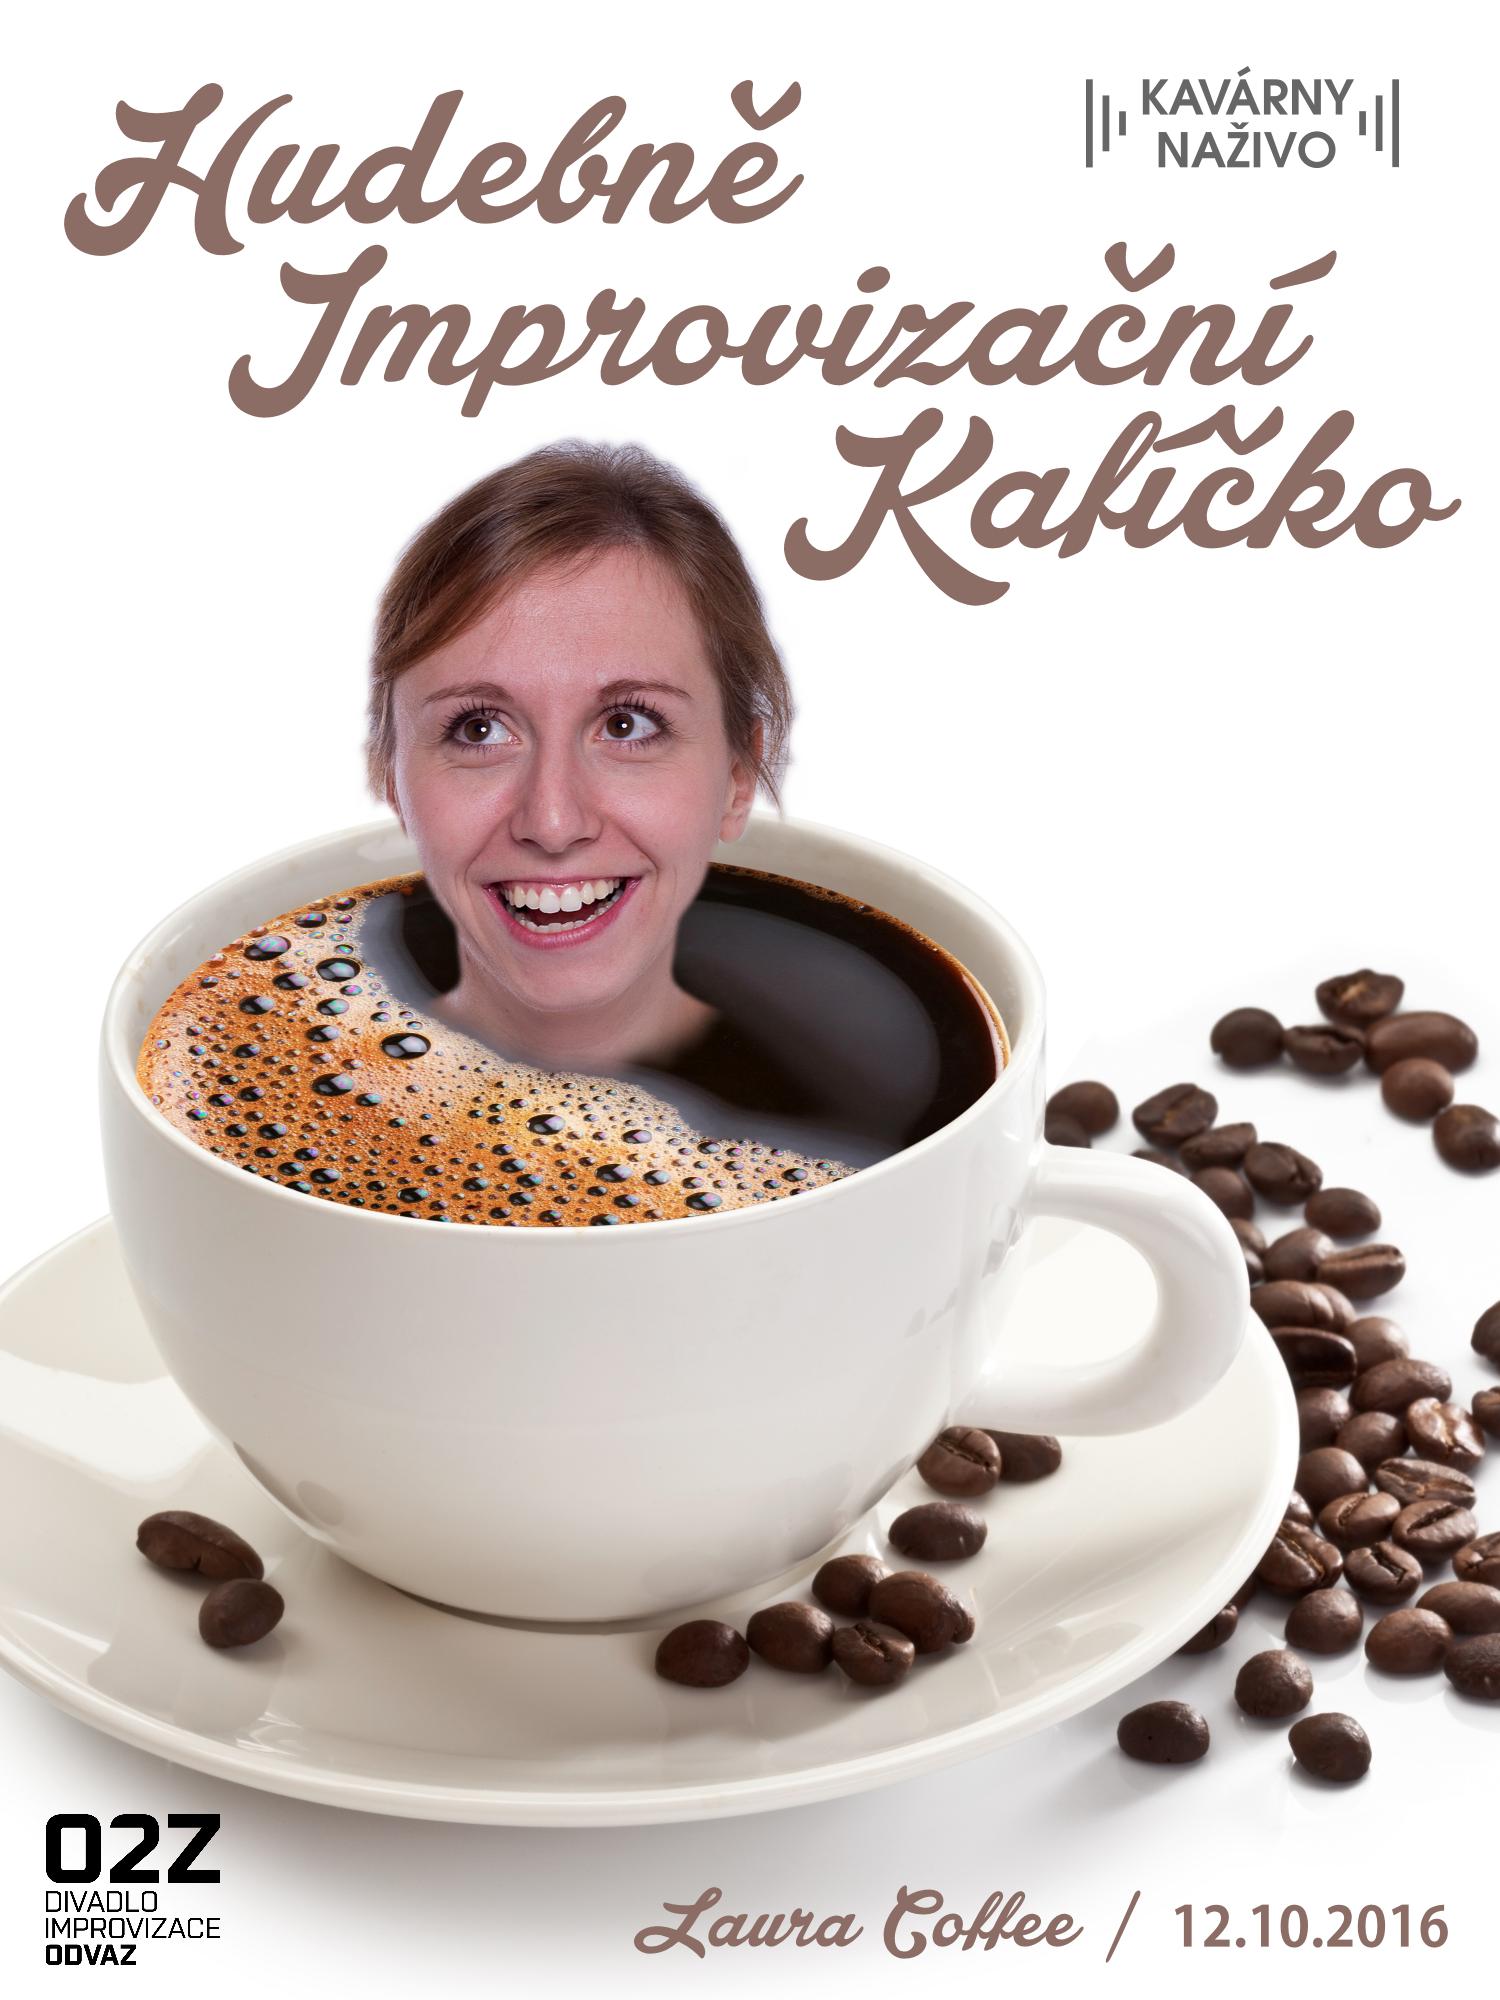 Kavárny Naživo: Hudebně improvizační kafíčko